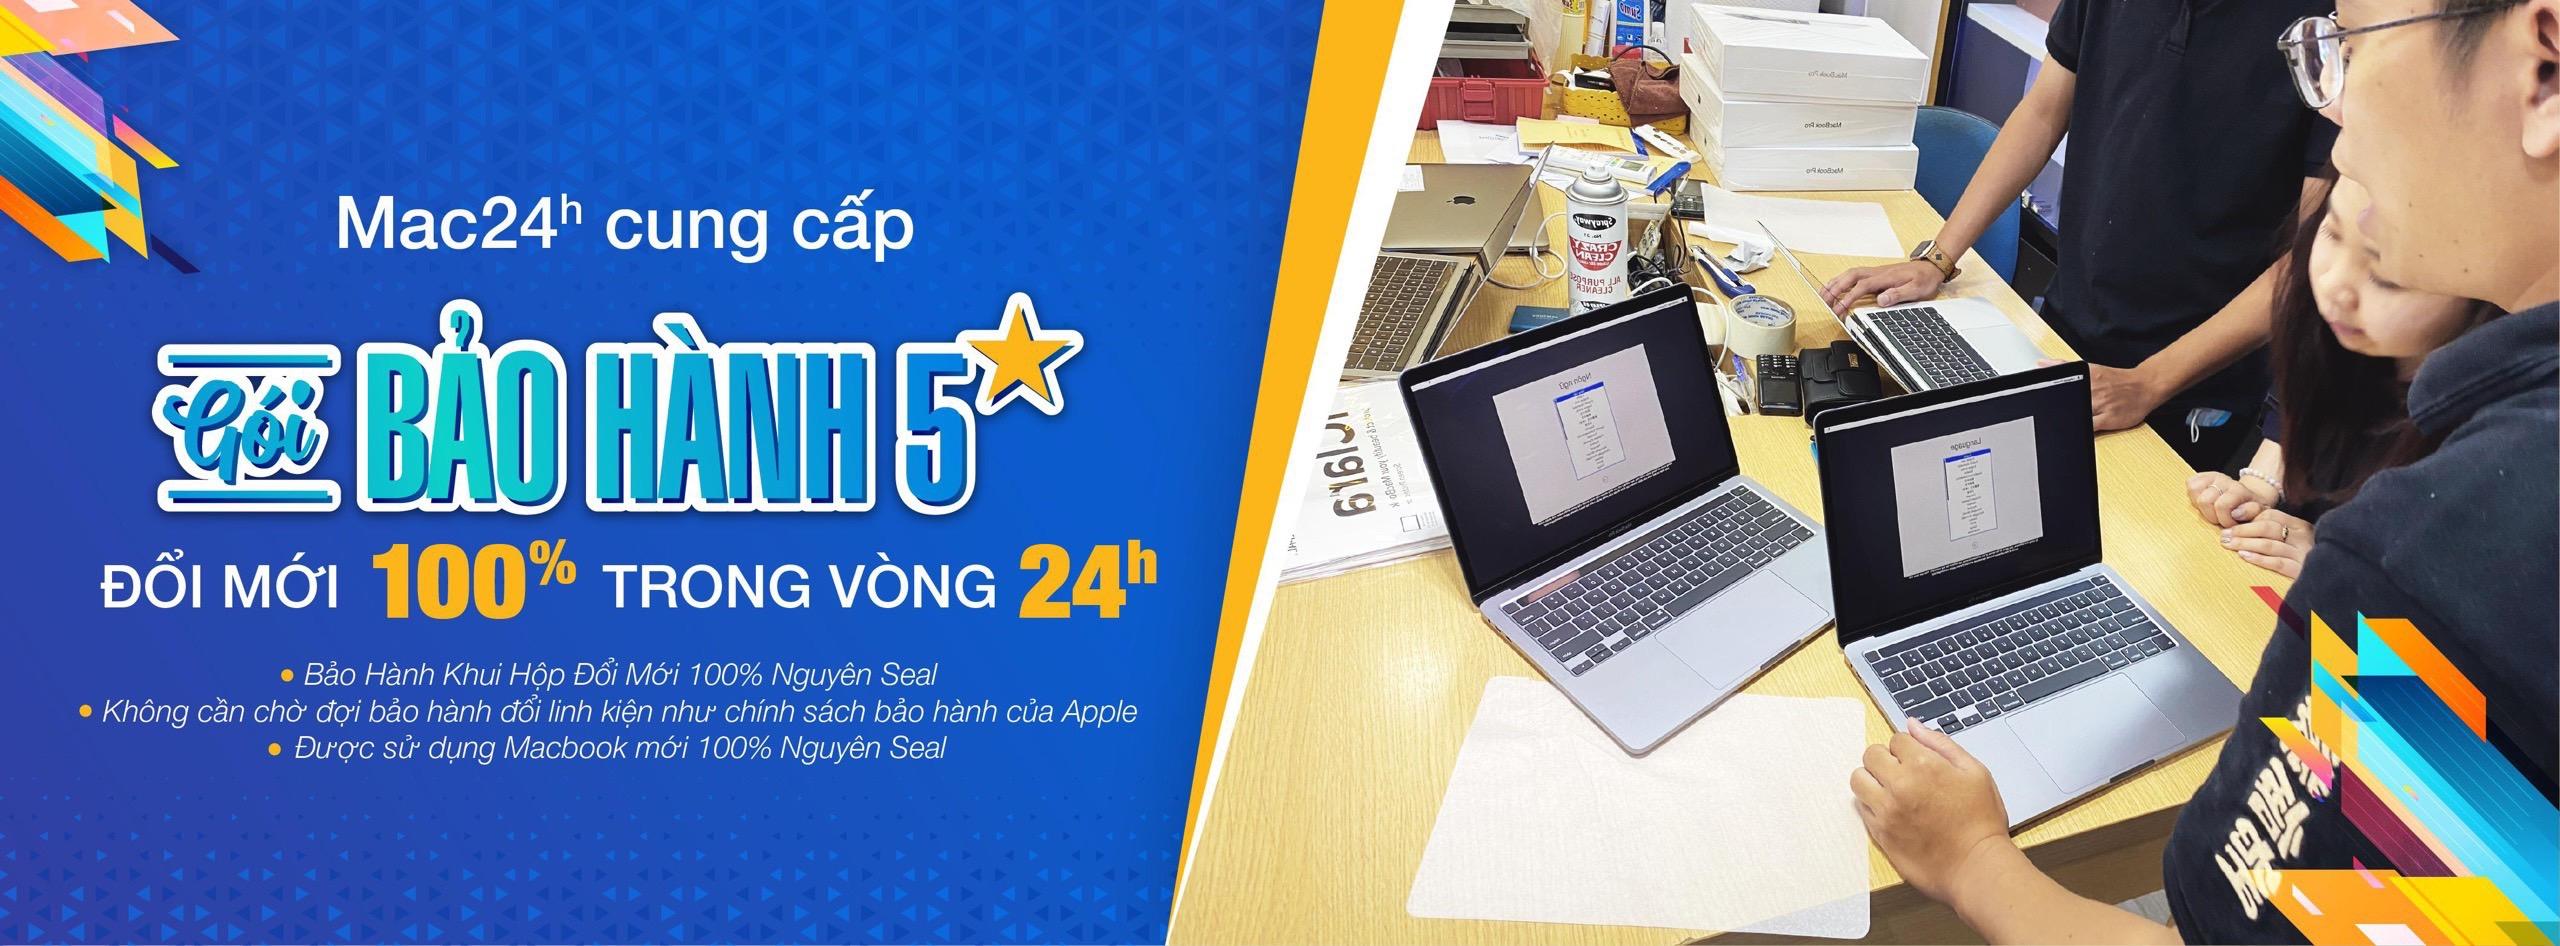 Bảo hành Macbook Pro